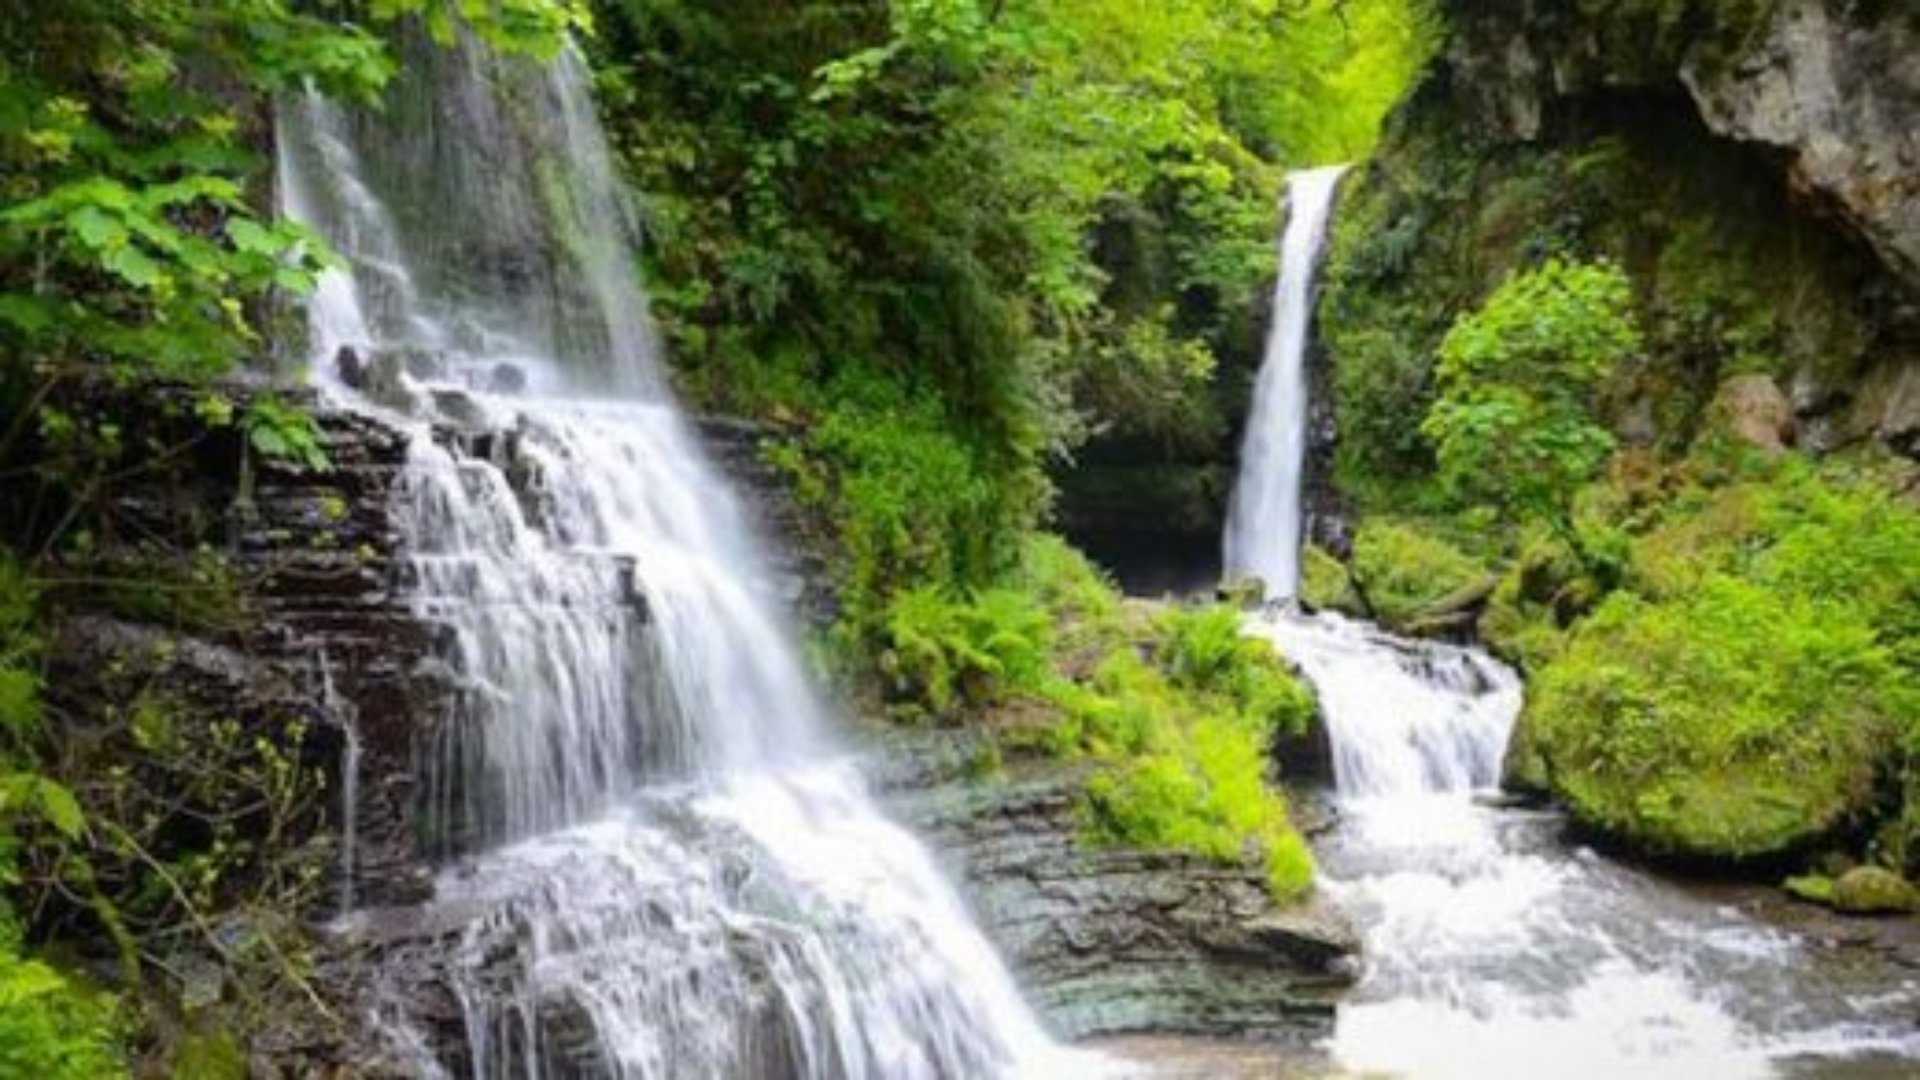 آبشار زمرد یکی از زیباترین آبشارهای گیلان | فیلم